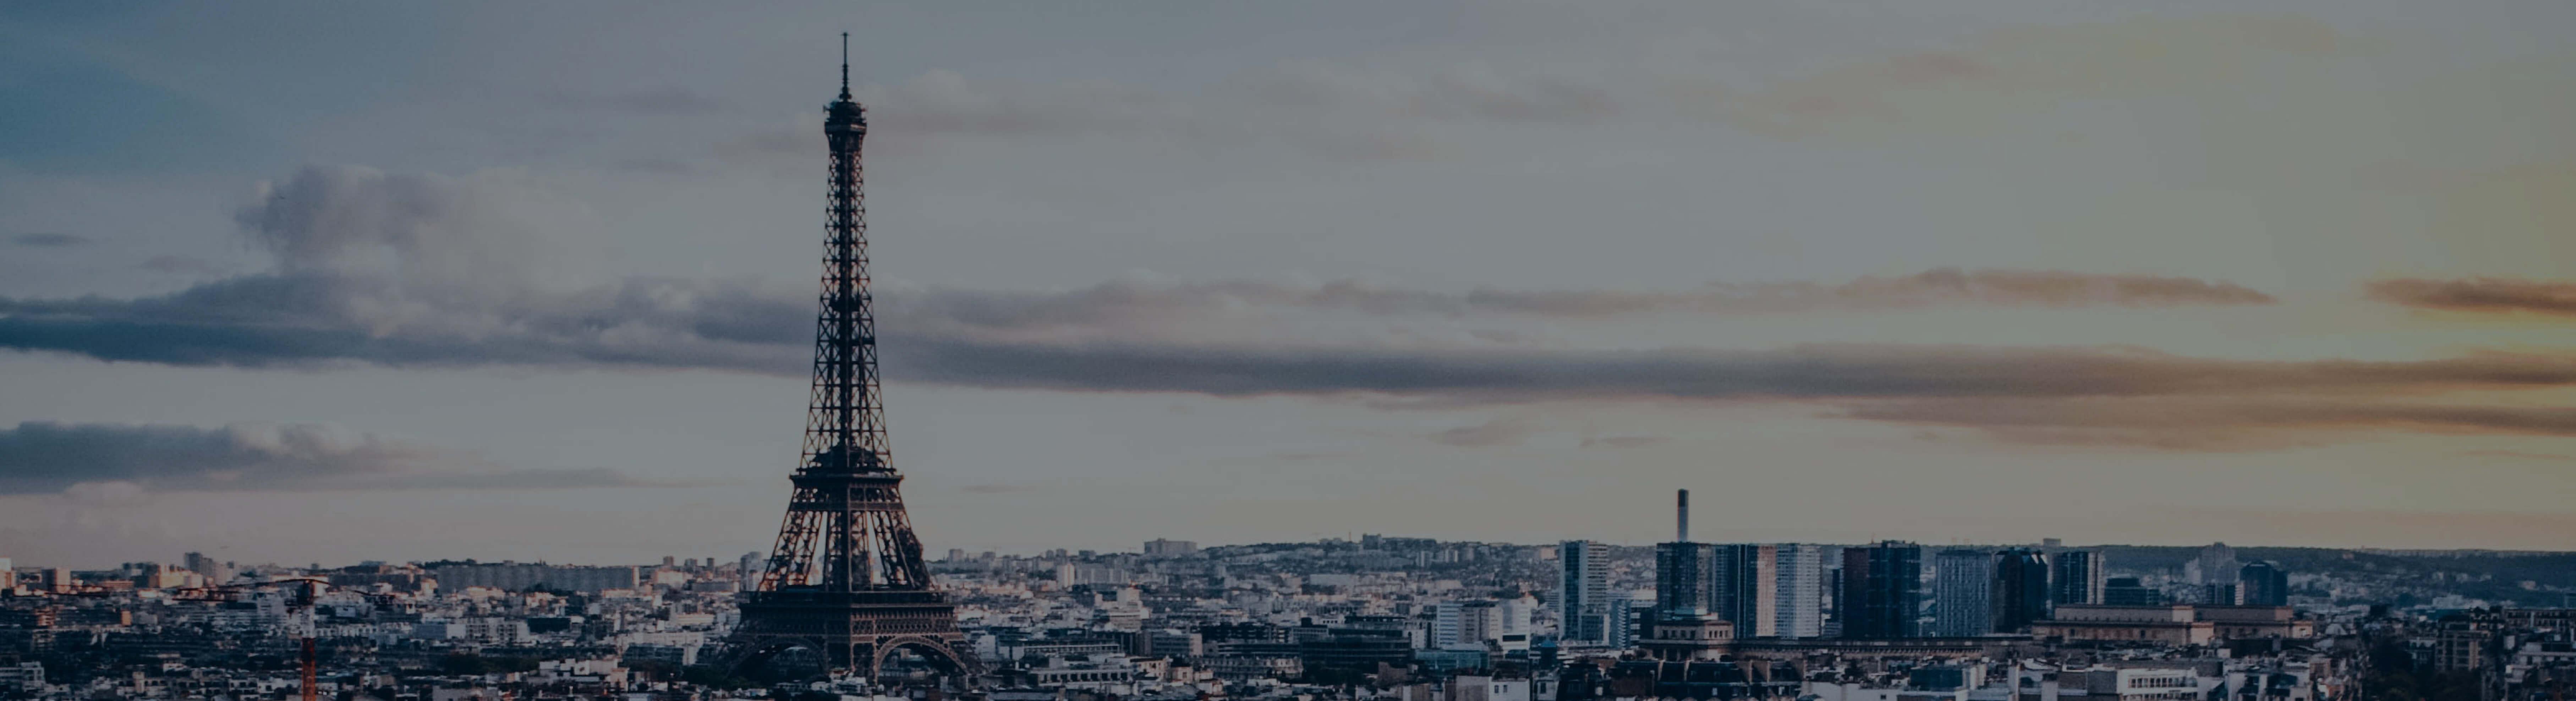 Voici une image vue du ciel de Paris